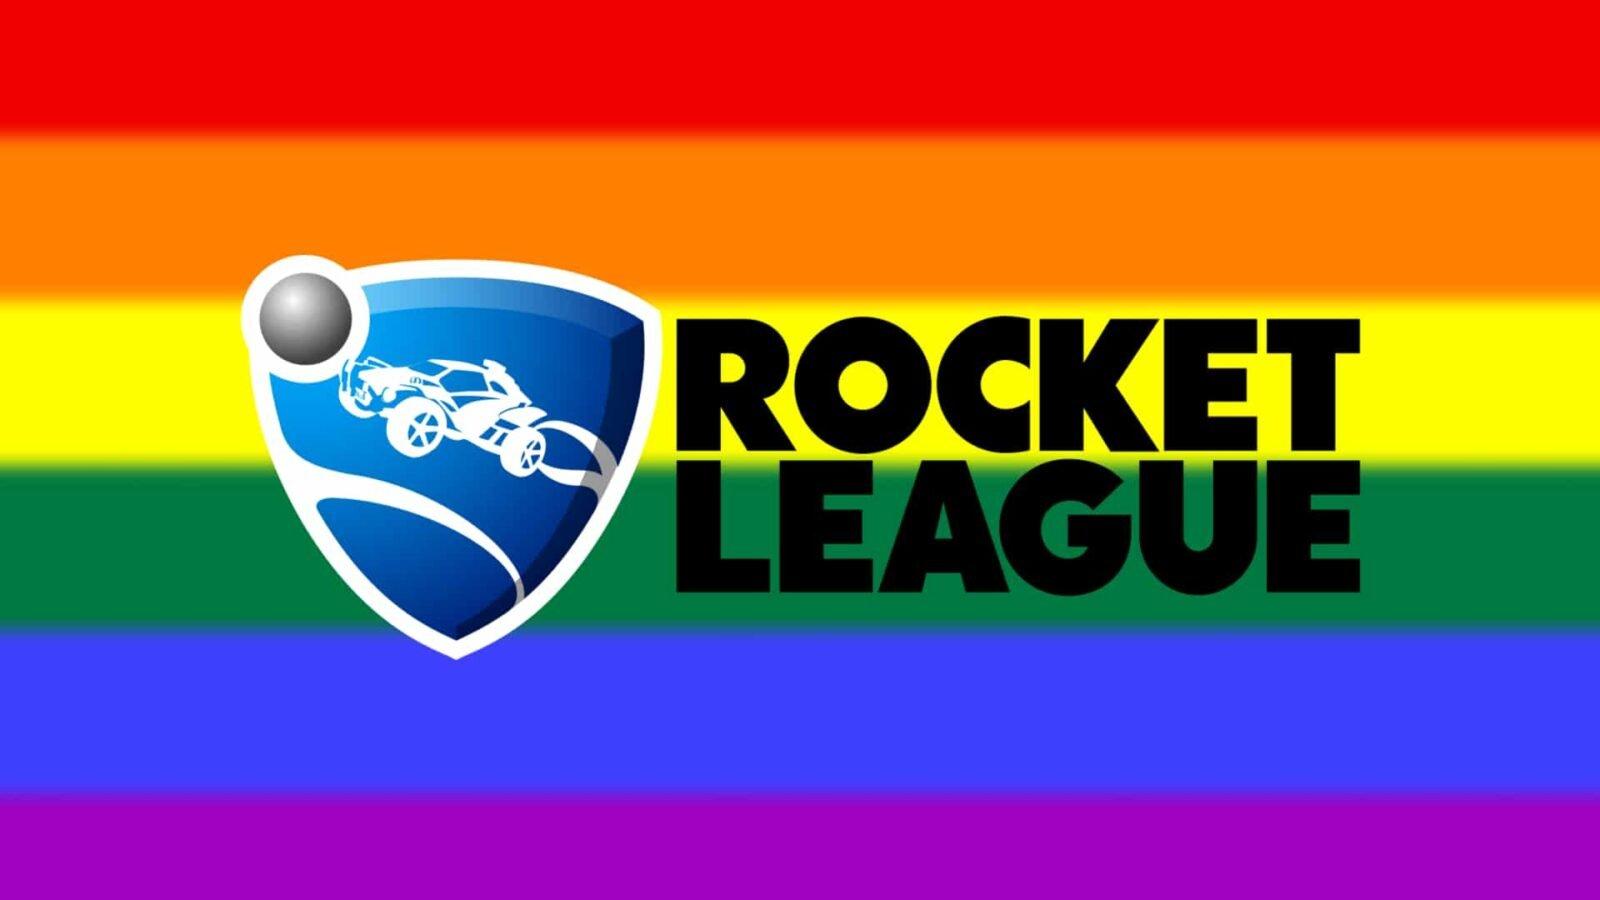 Rocket League celebra o mês do Orgulho LGBTQ+ com conteúdos exclusivos